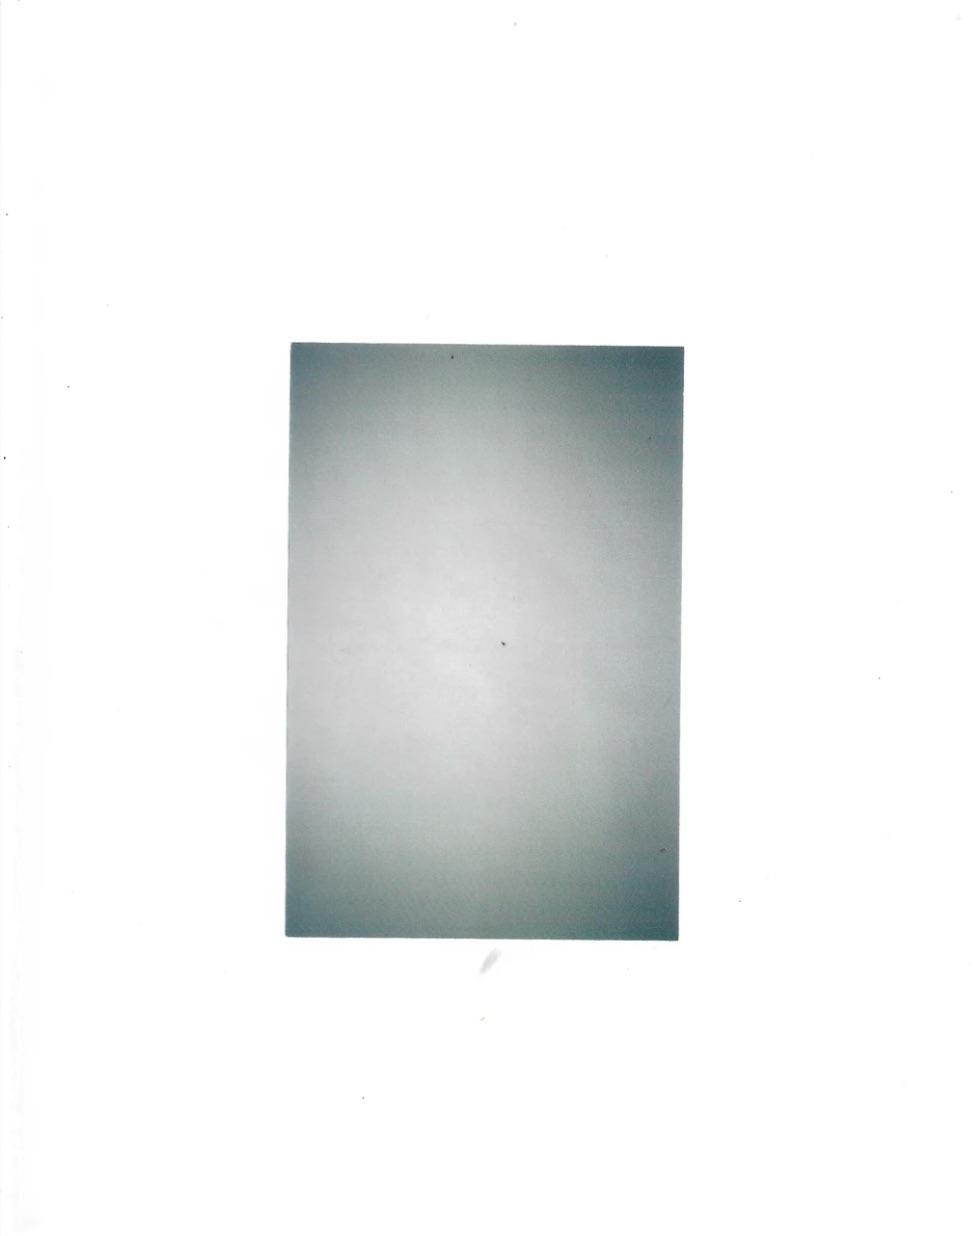 ベアトリス・ドモンド写真集: BEATRICE DOMOND: FLY ON THE WALL